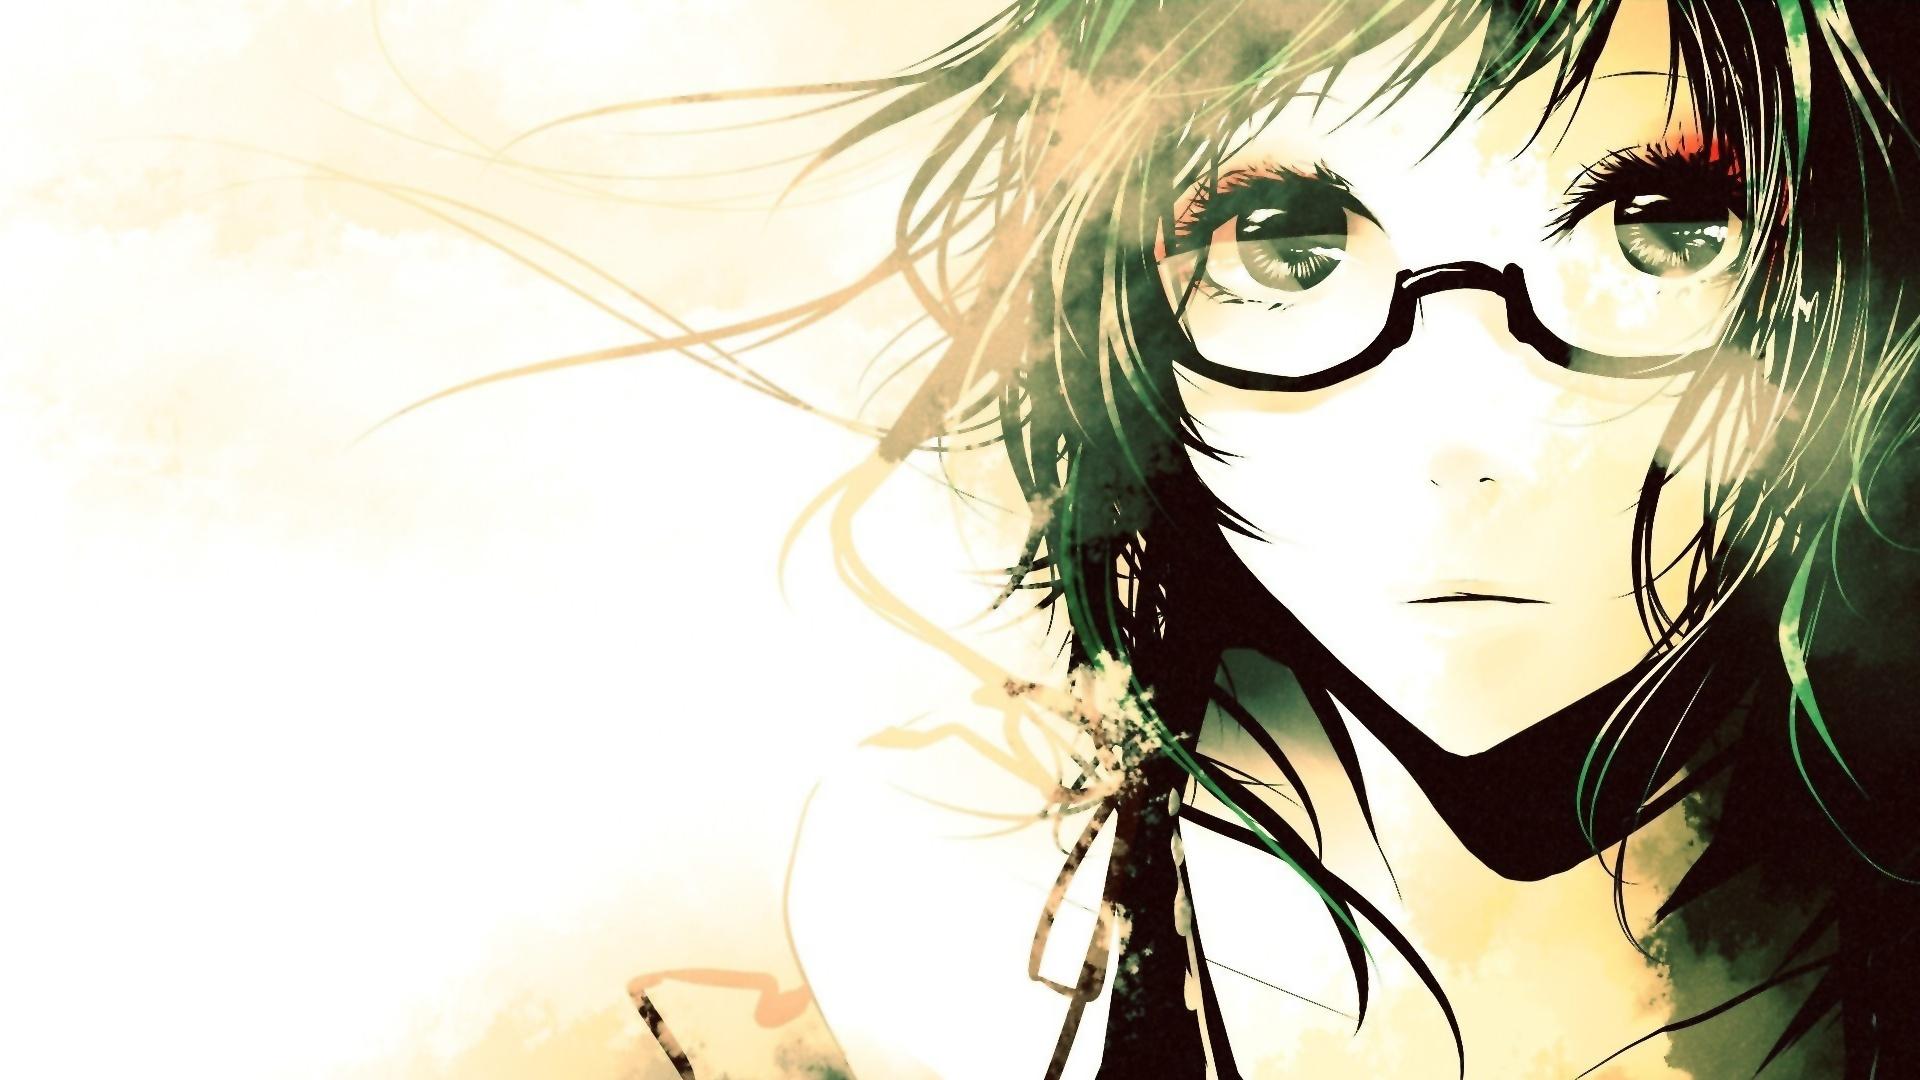 Anime-Music-jpg-×-wallpaper-wp5803509